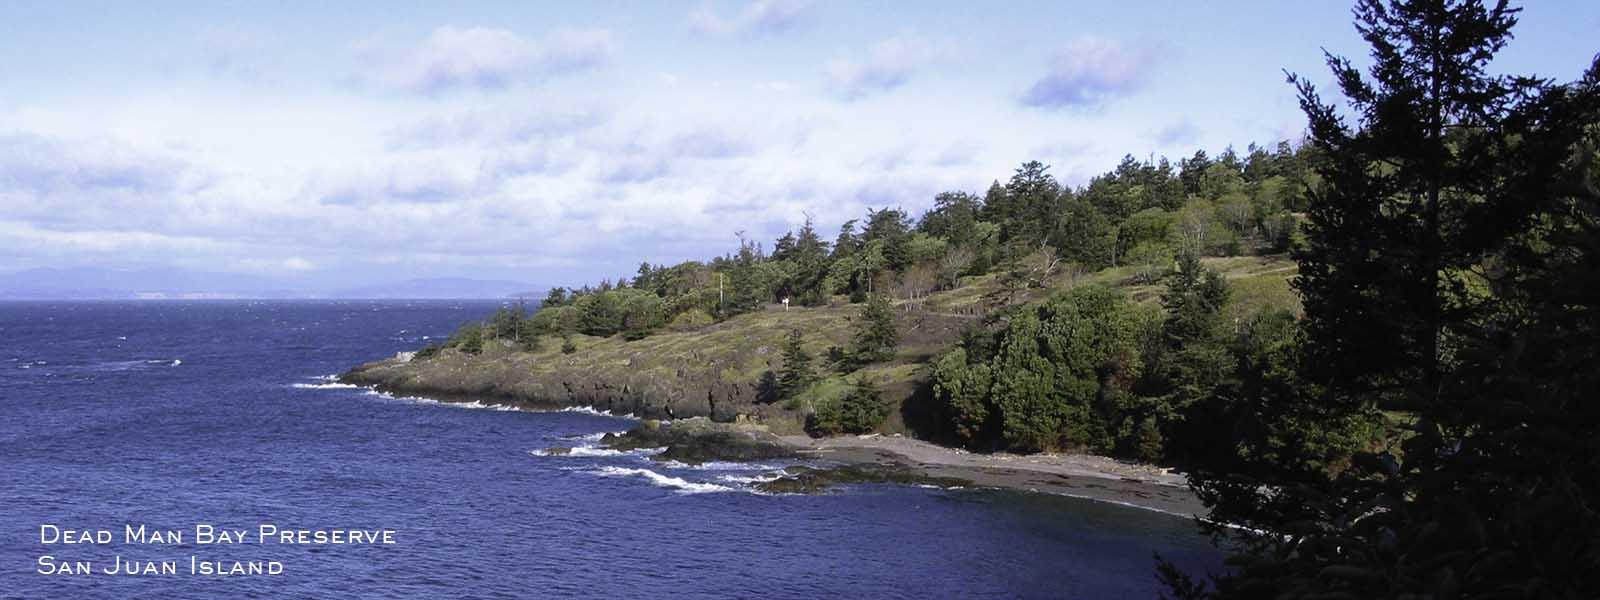 lopez island land bank preservation conservation nature hiking deadman bay